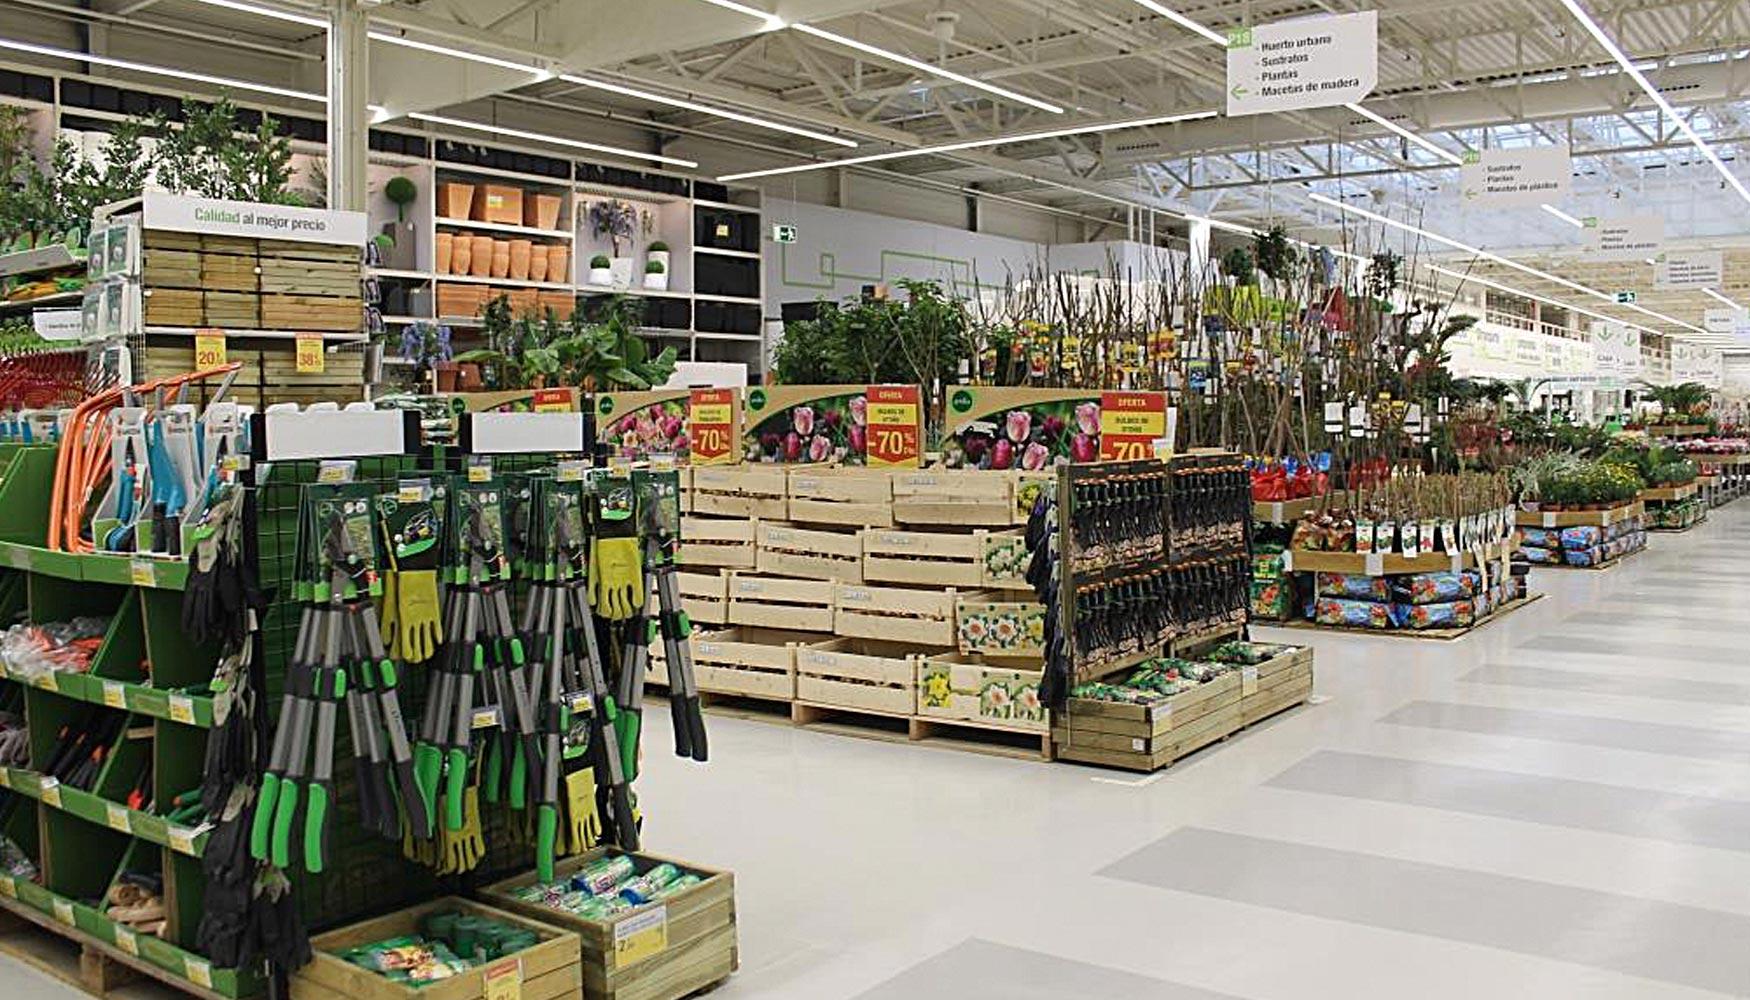 Leroy merlin prev abrir 31 nuevos locales en espa a hasta for Plantas decorativas en leroy merlin